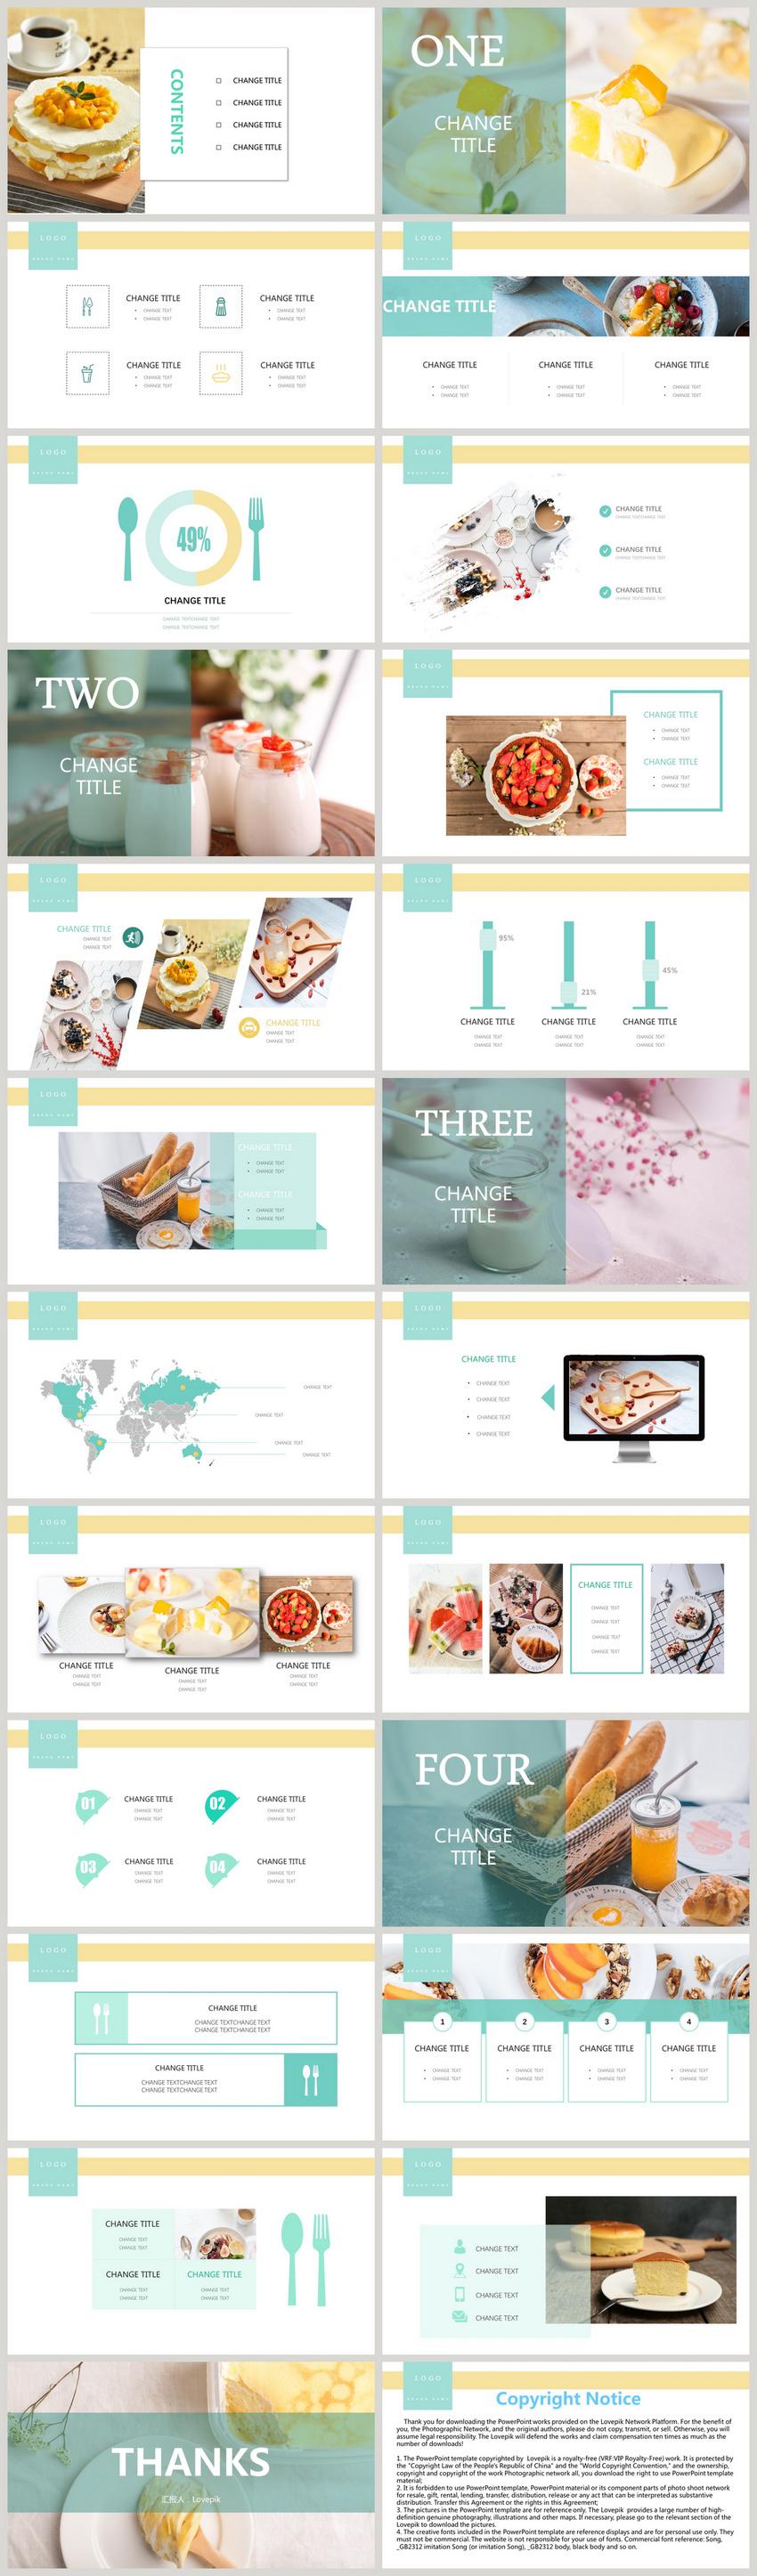 小清新美食食物品牌宣传PPT模板图片